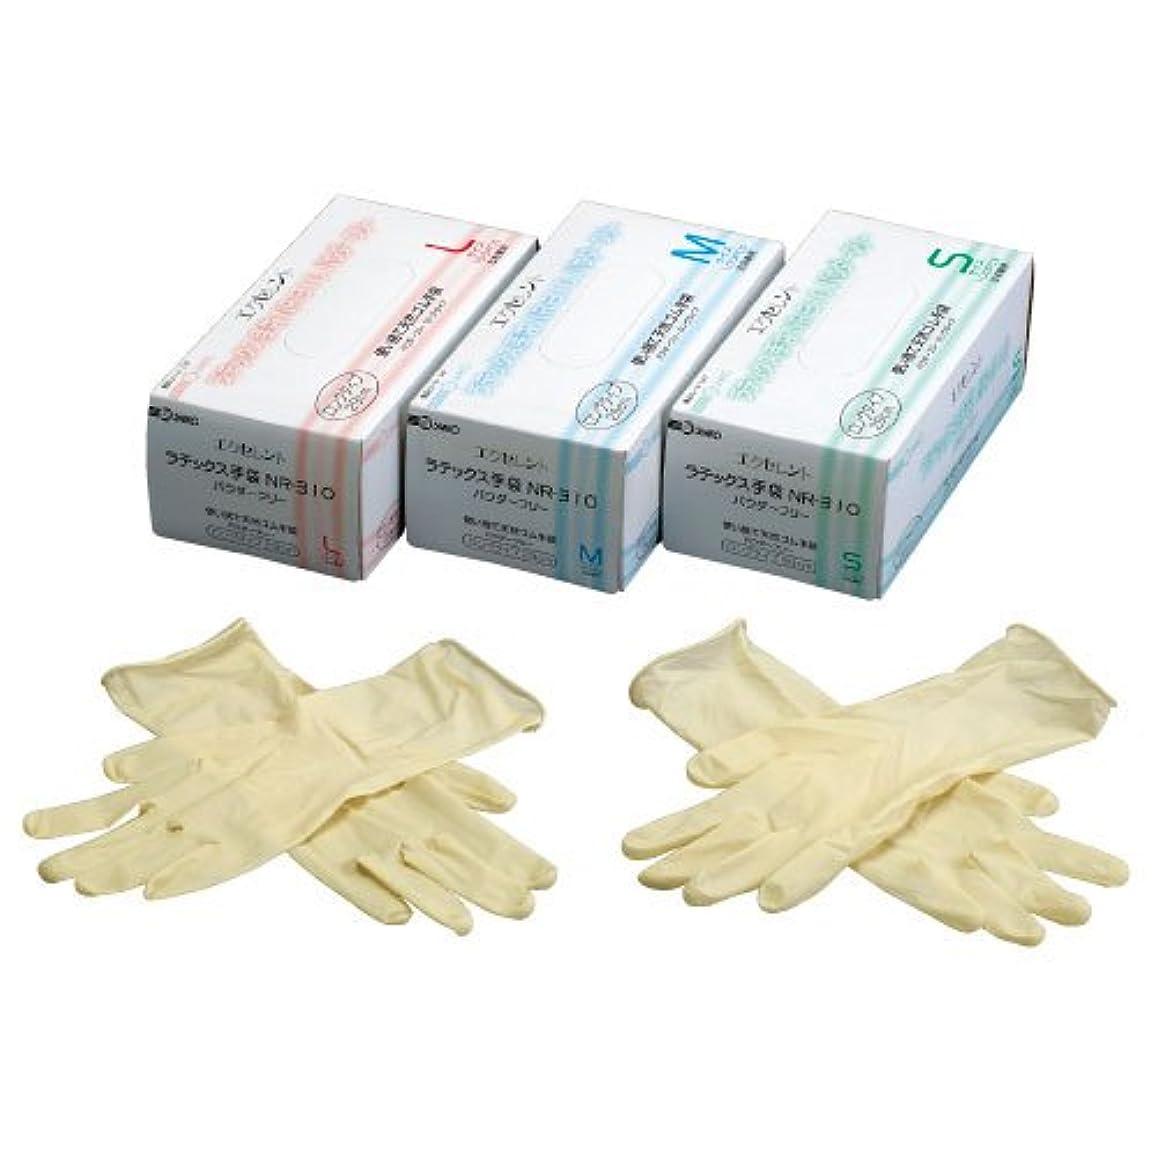 スタウトガロン繊細エクセレントラテックス手袋PFロング ????????????????(23-3140-00)NR-310(100????)S S